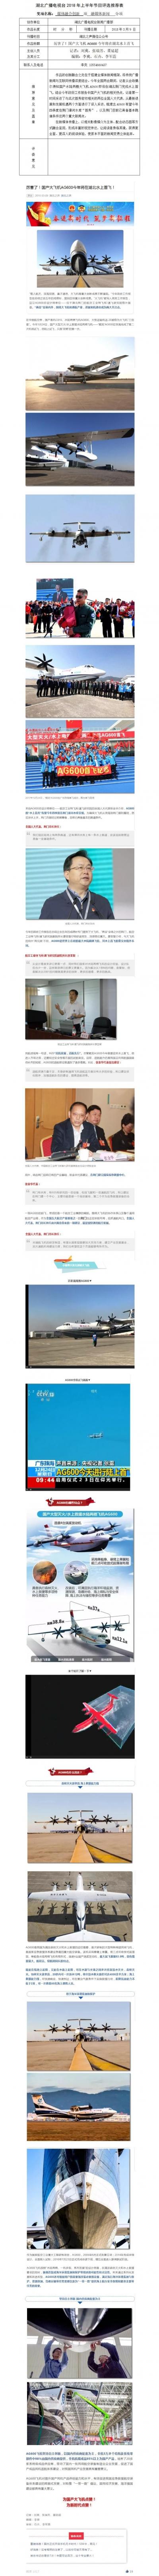 厉害了!国产大飞机AG600今年将在湖北水上首飞